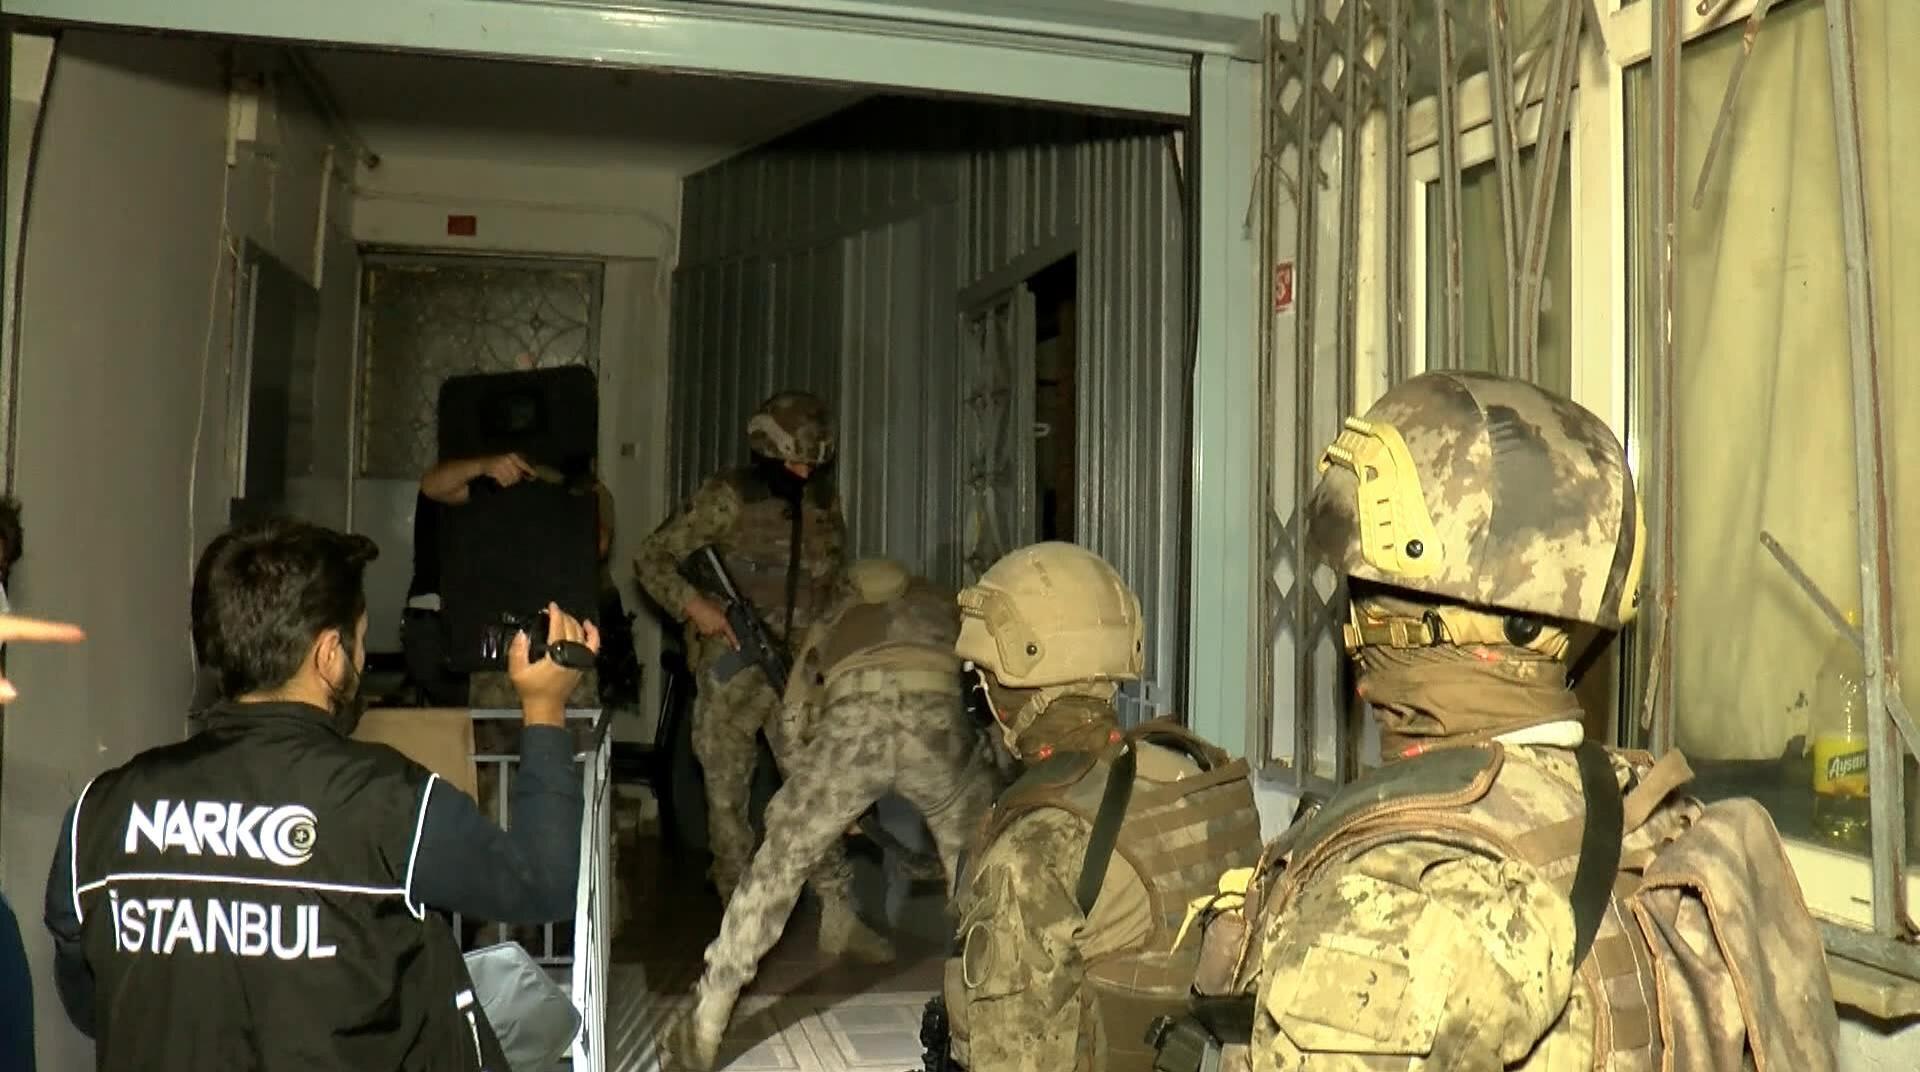 Beyoğlu'nda daha önceden belirlenen adreslere sabaha karşı operasyon düzenlendi.